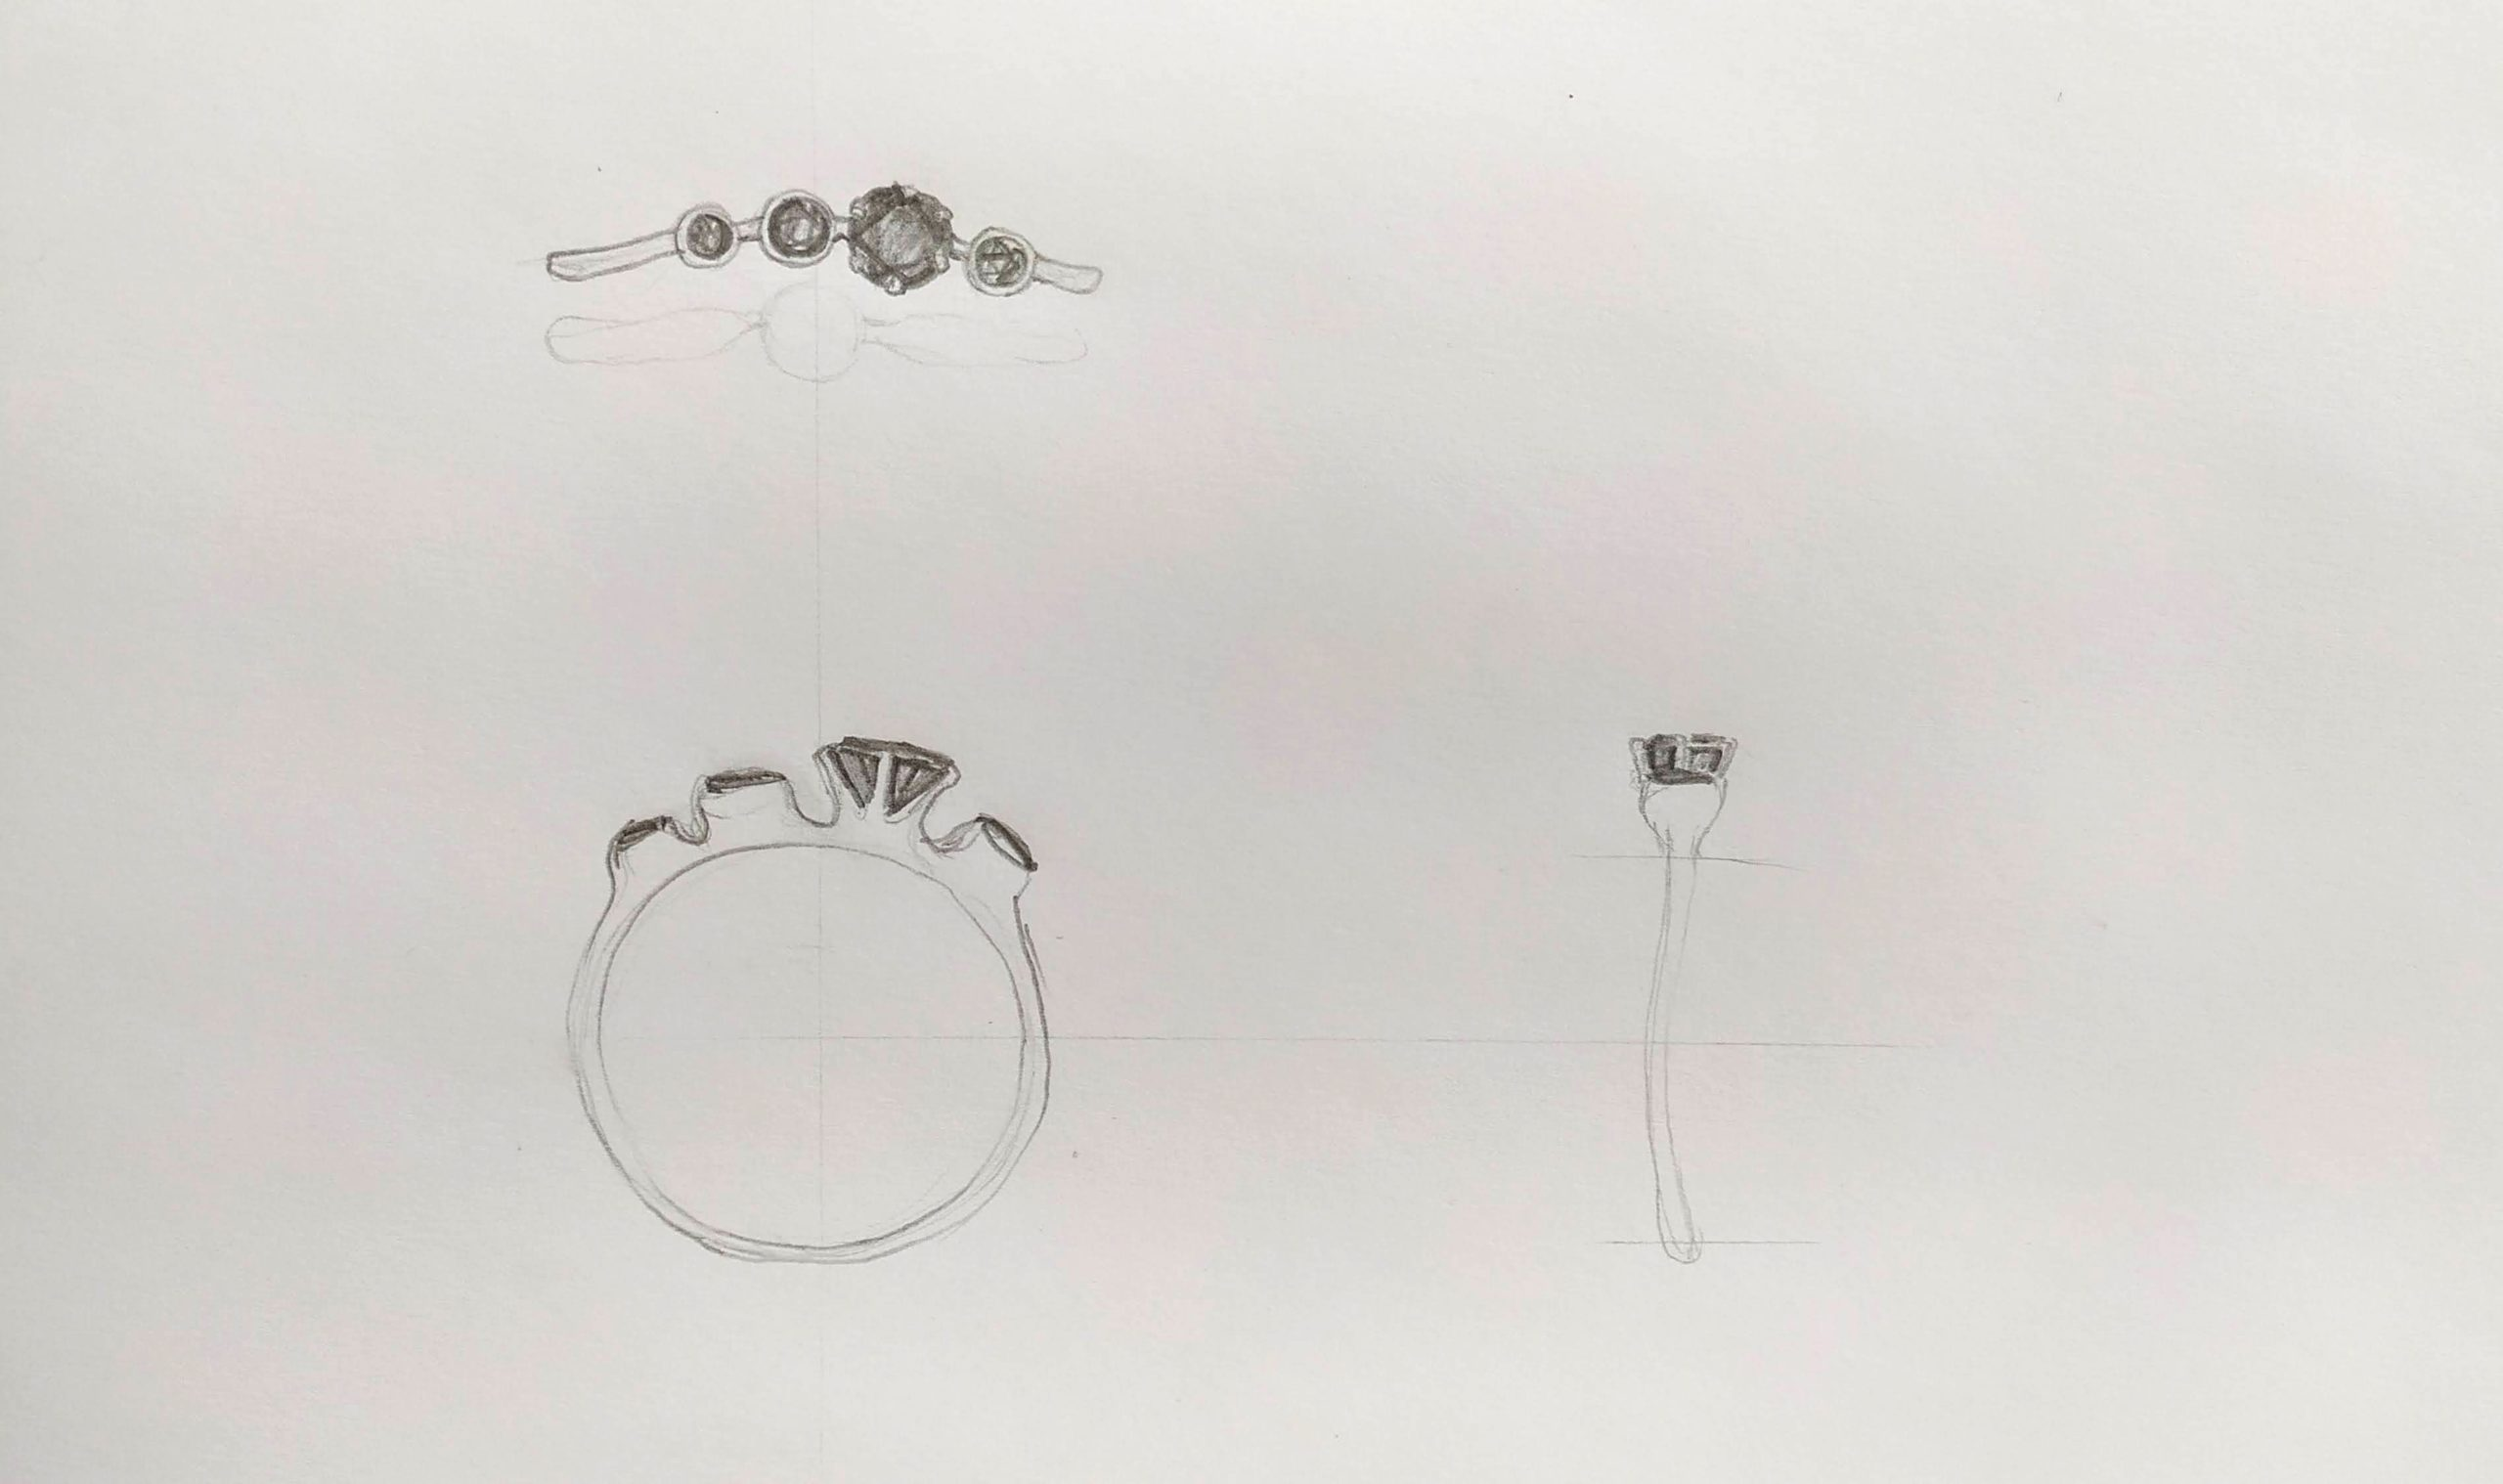 dámský snubní prsten černý diamant elisa lens